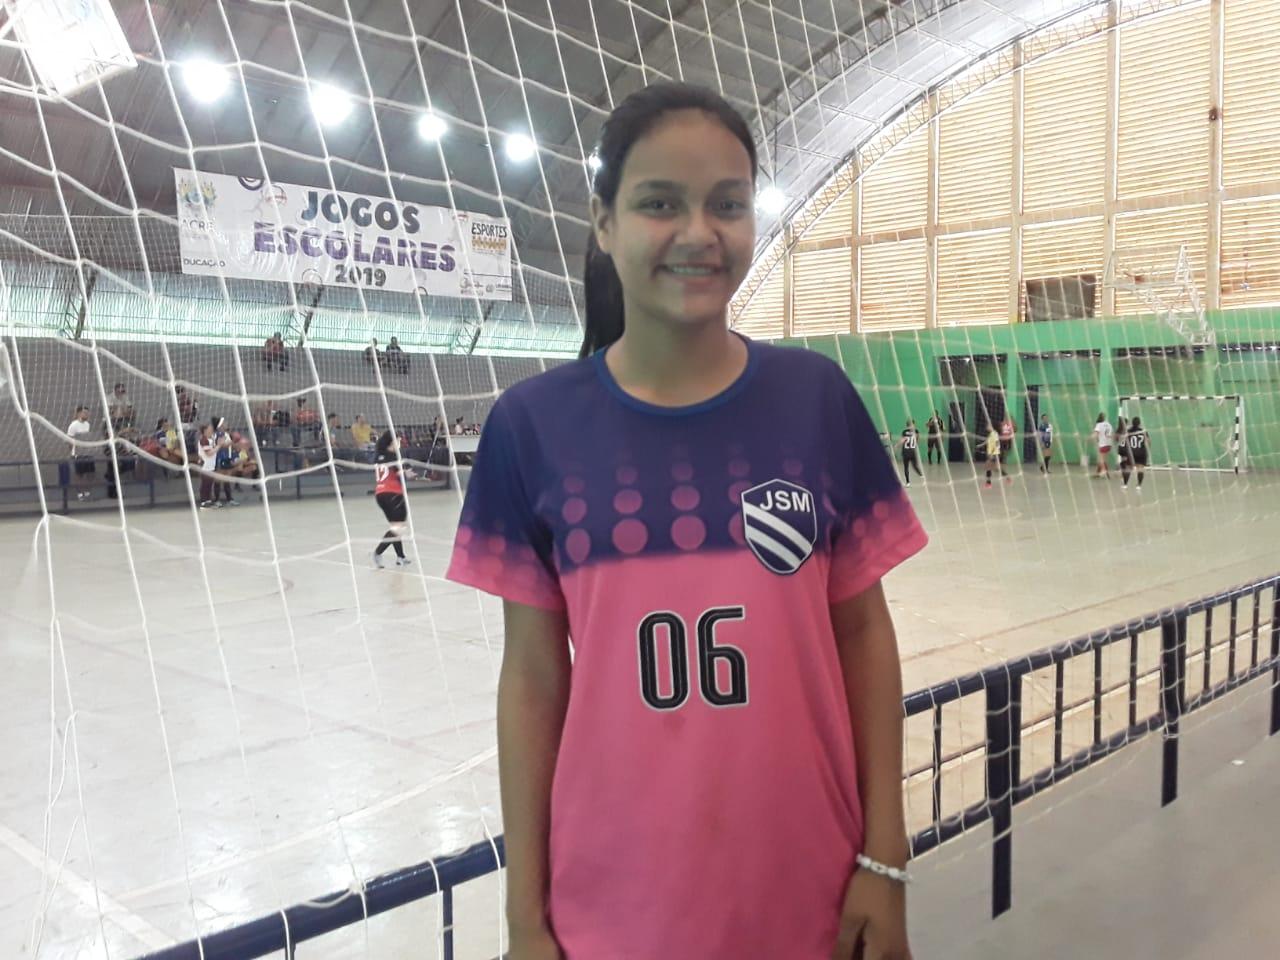 Fase regional dos jogos escolares começa com cinco partidas de futsal